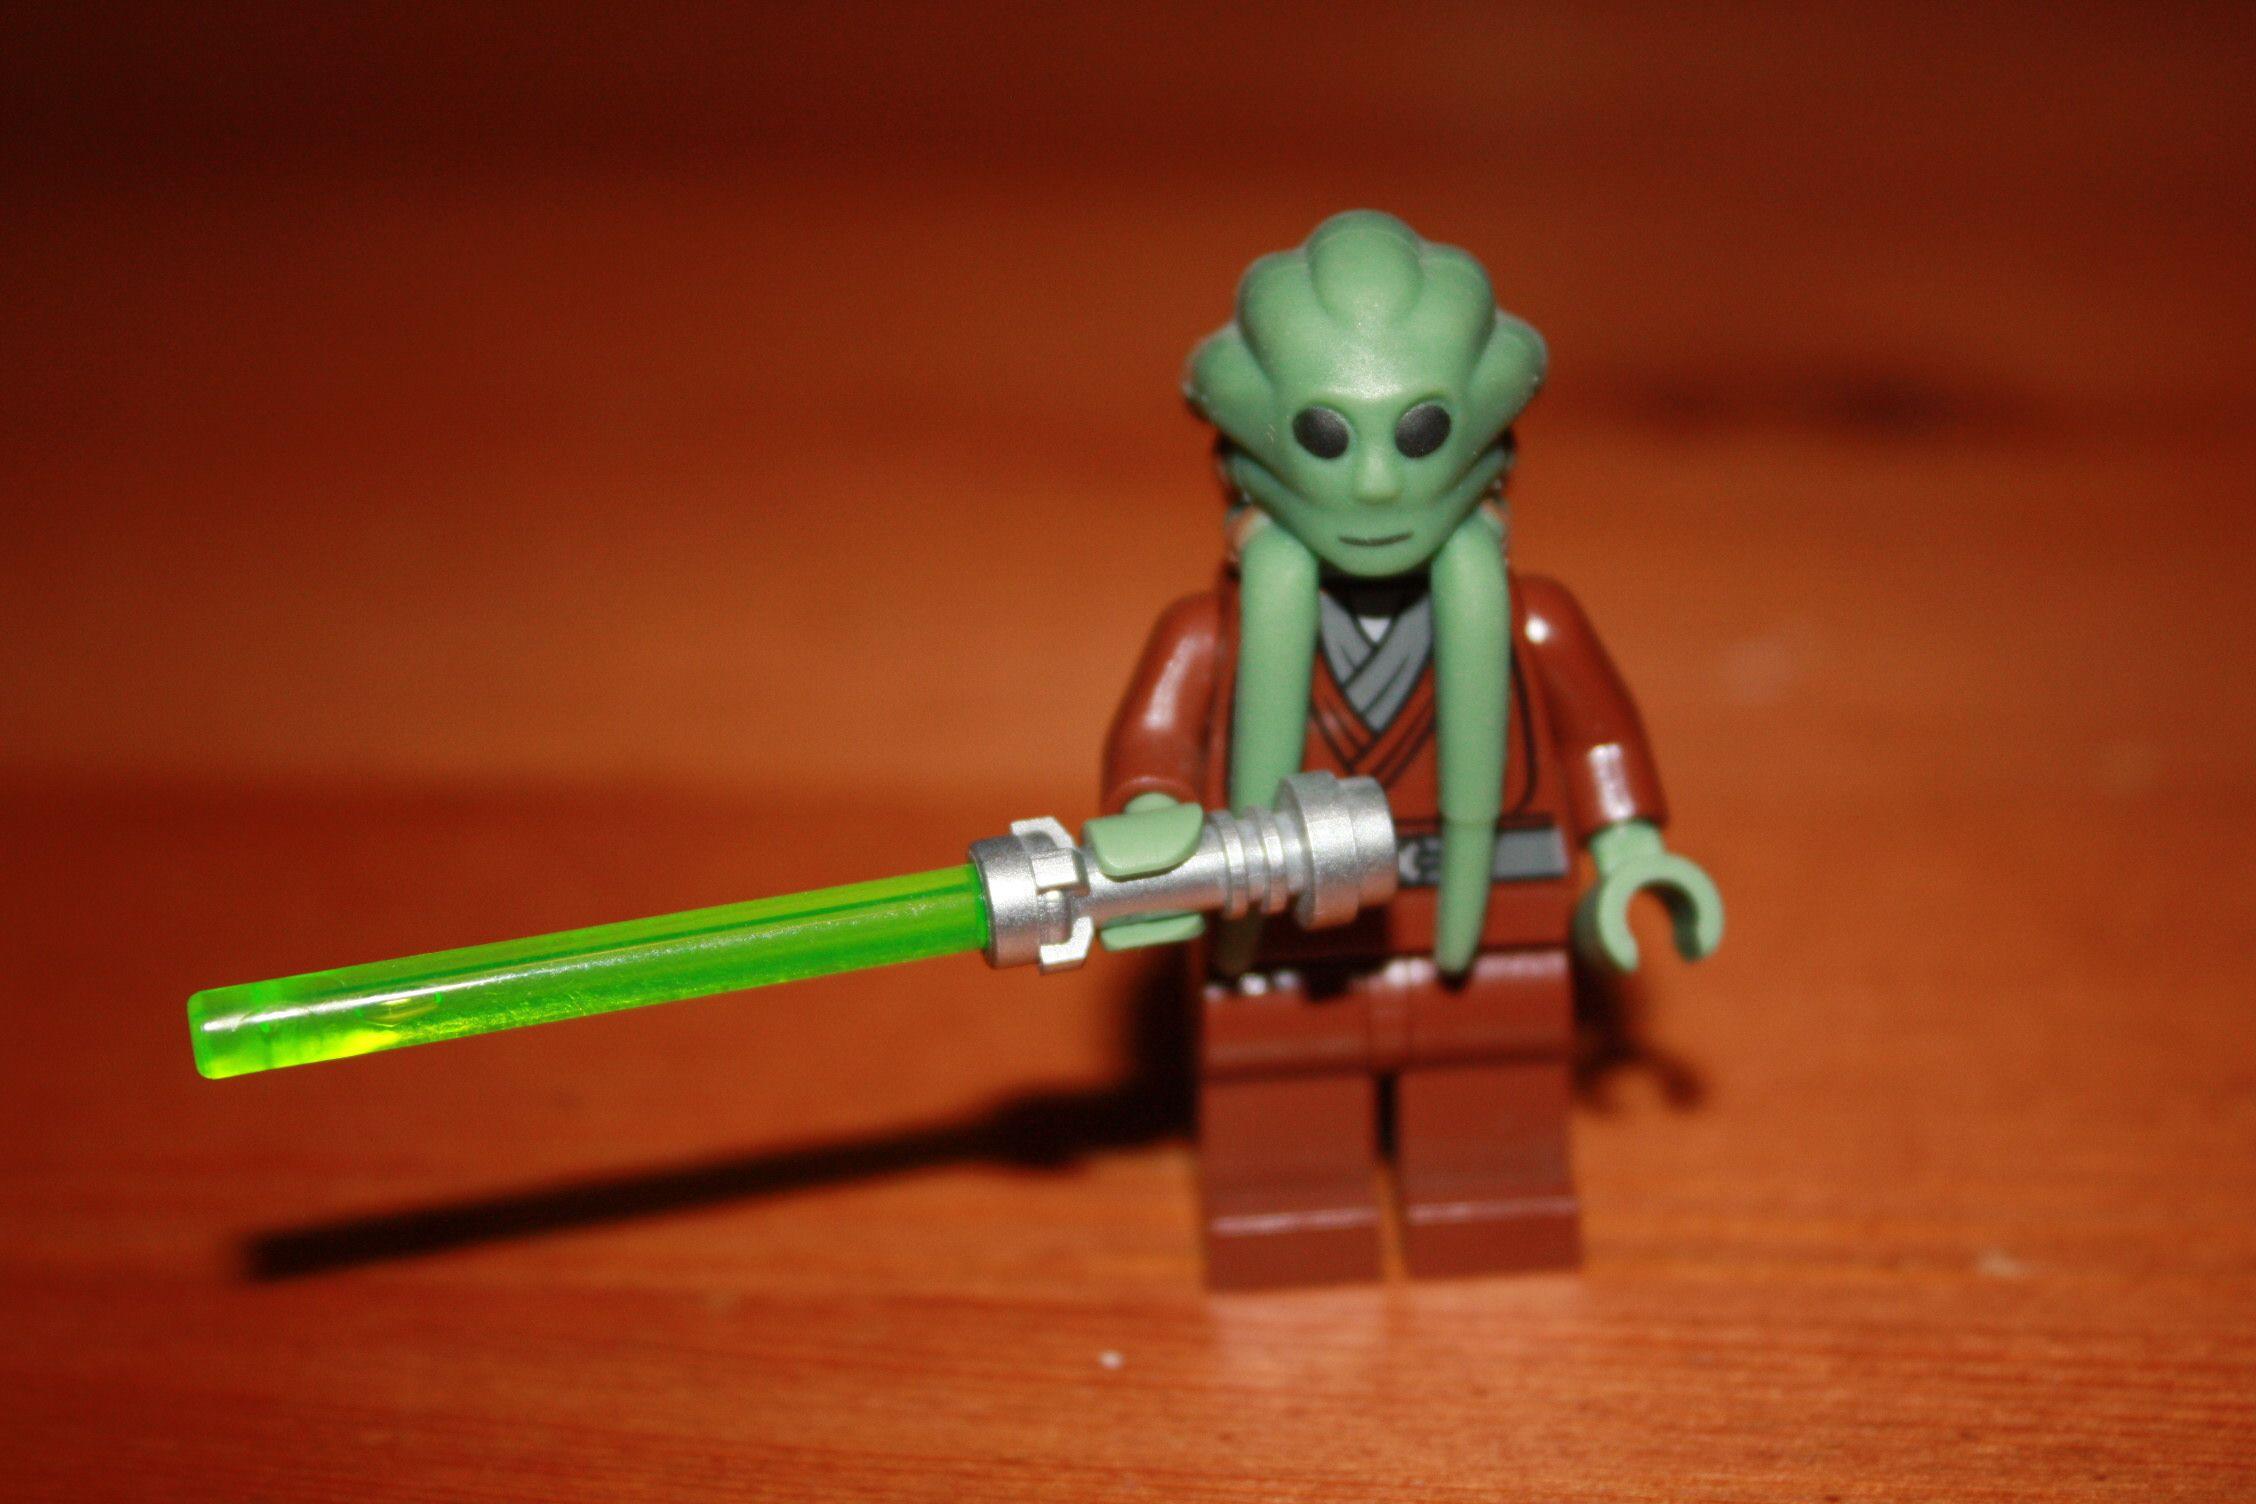 Lego Star Wars Mistrz Jedi Kit Fisto 6817510024 Oficjalne Archiwum Allegro Lego Star Wars Lego Star Lego